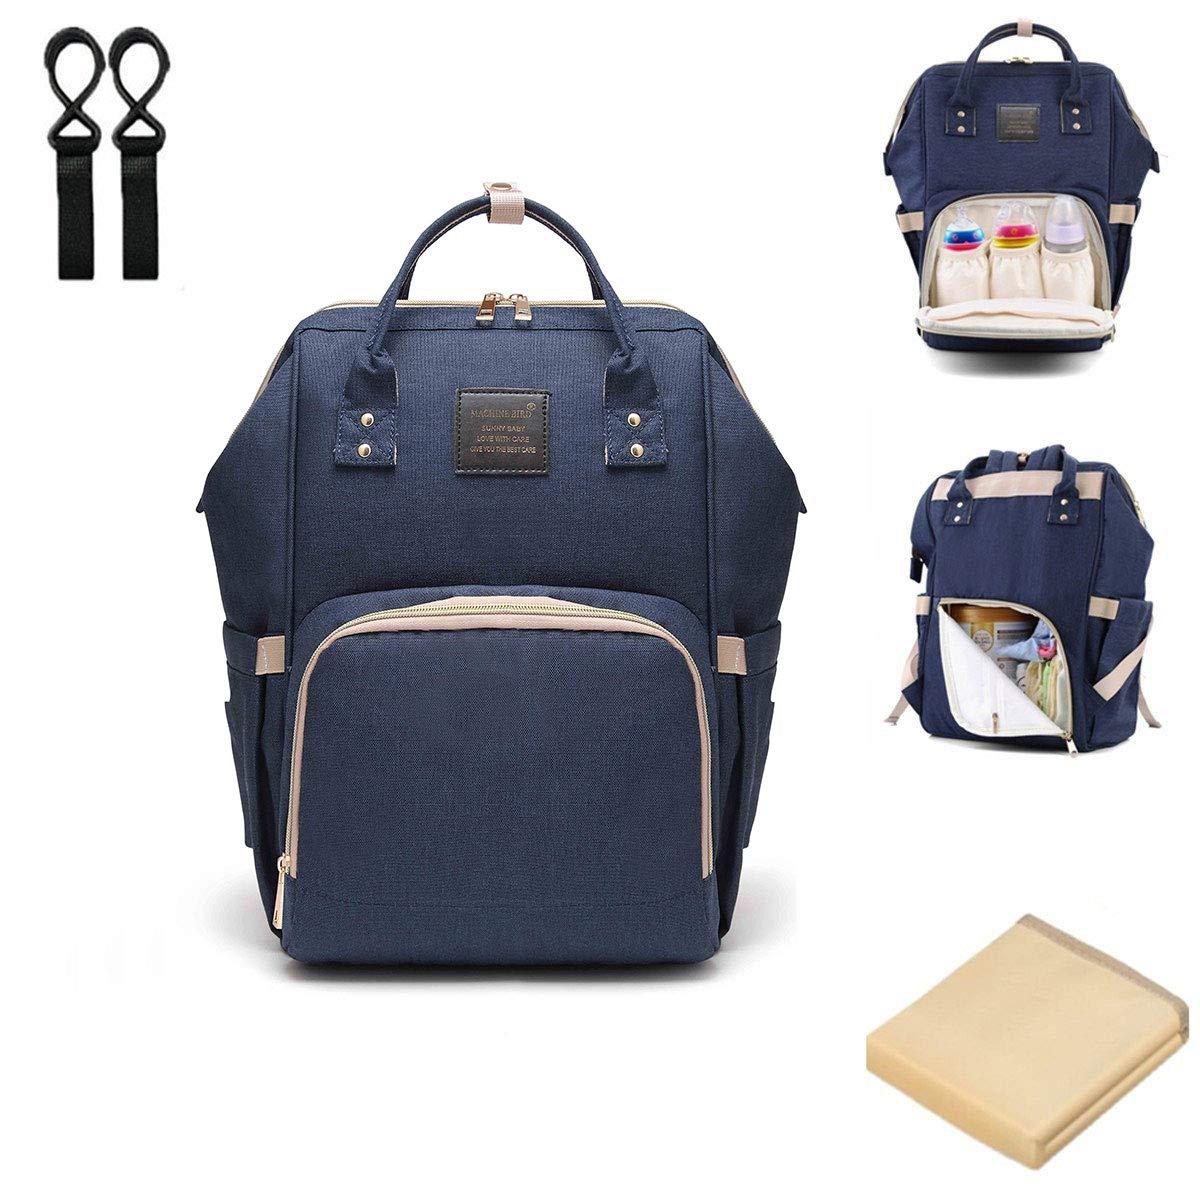 Blau Baby Wickelrucksack Wickeltasche mit Wickelunterlage Multifunktional Segeltuch Gro/ße Kapazit/ät Babytasche Kein Formaldehyd Reisetasche f/ür Unterwegs